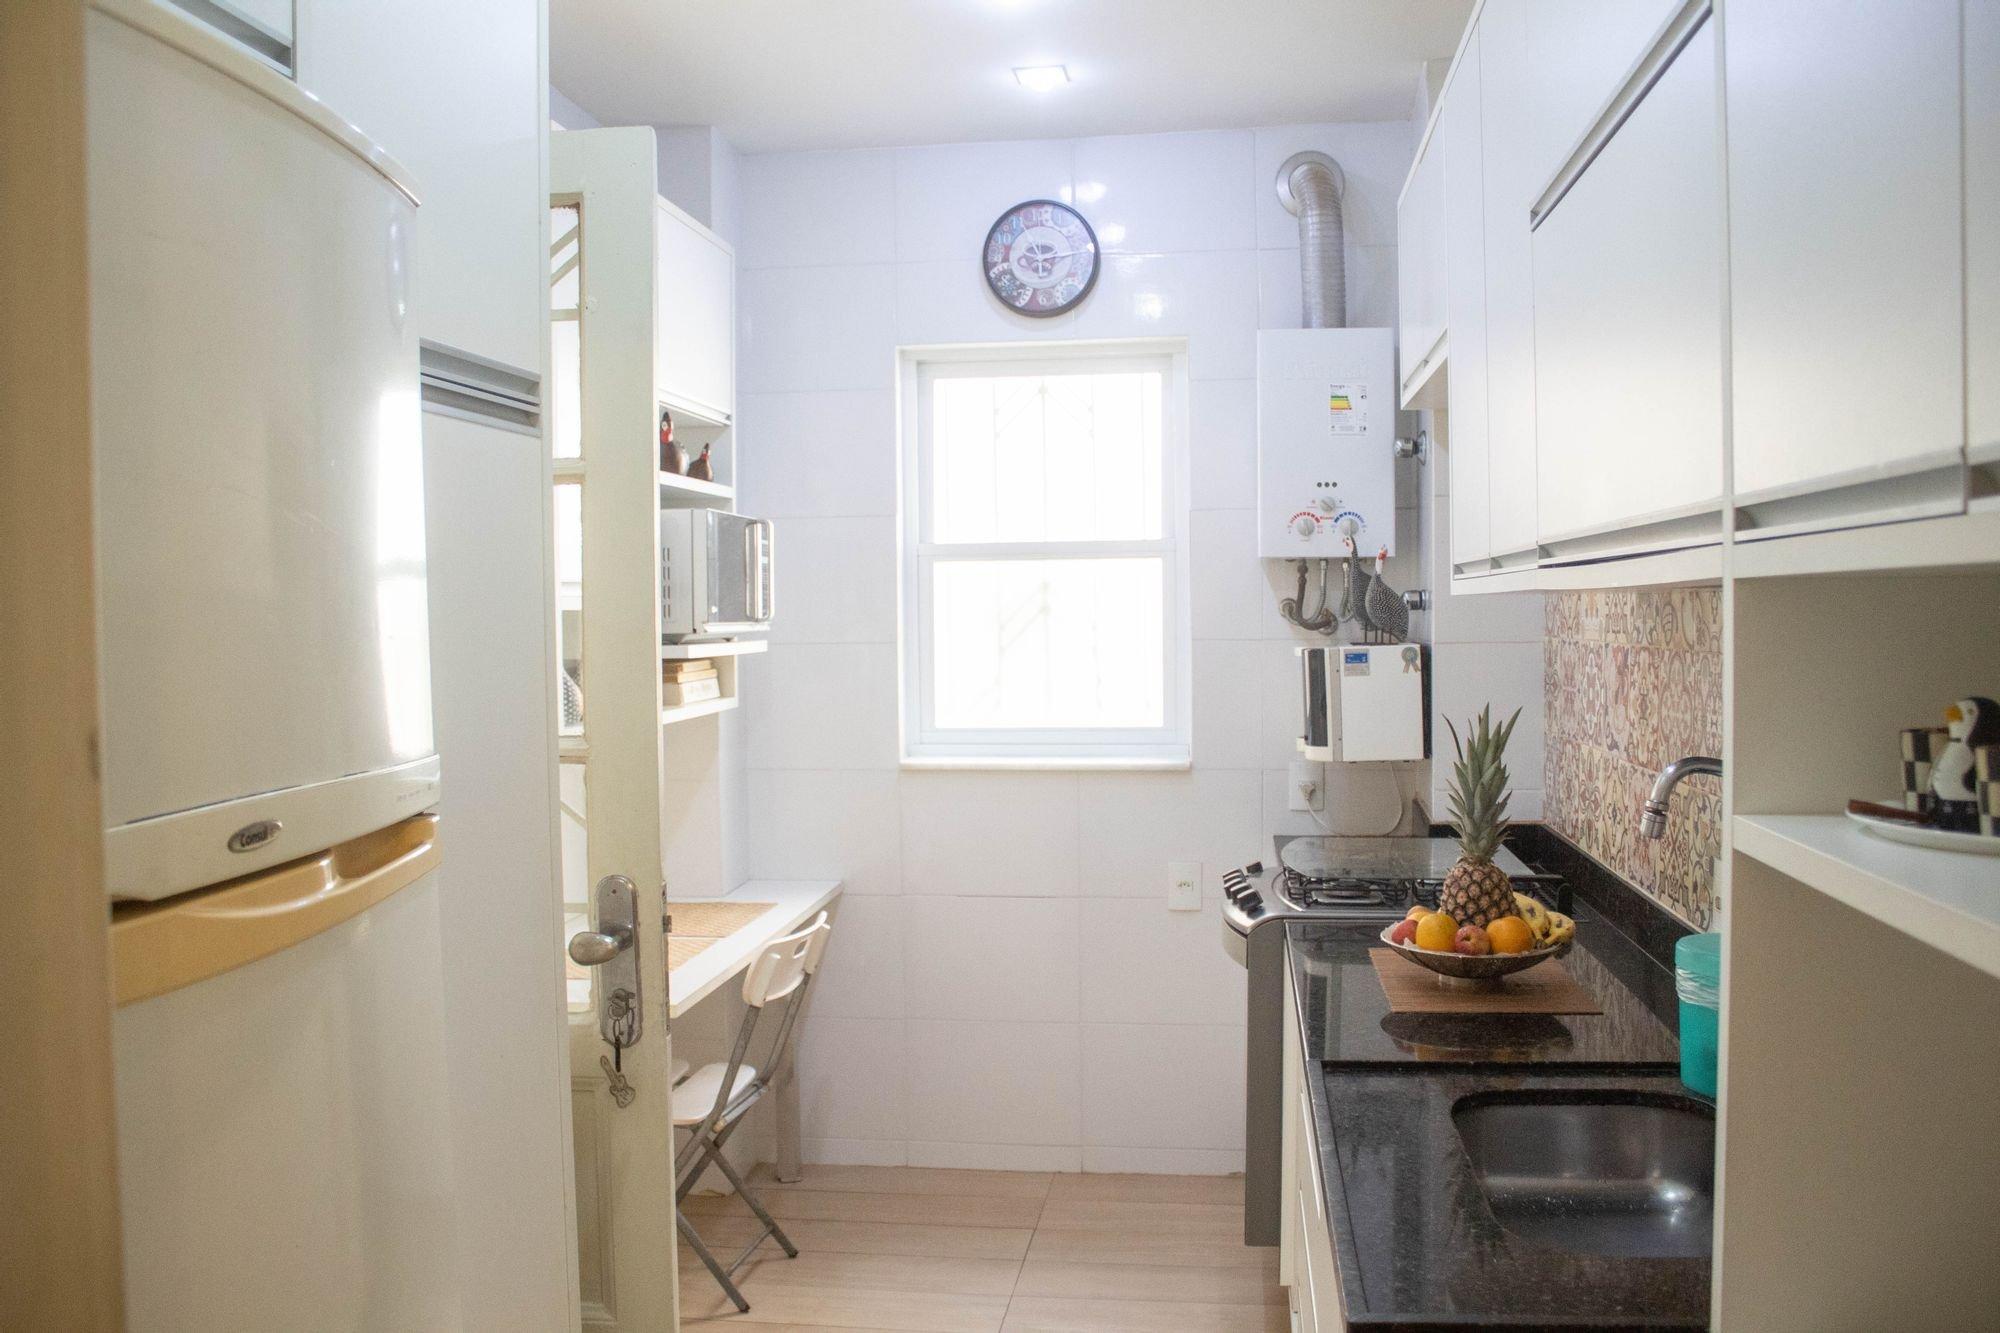 Foto de Cozinha com vaso, relógio, tigela, cadeira, pia